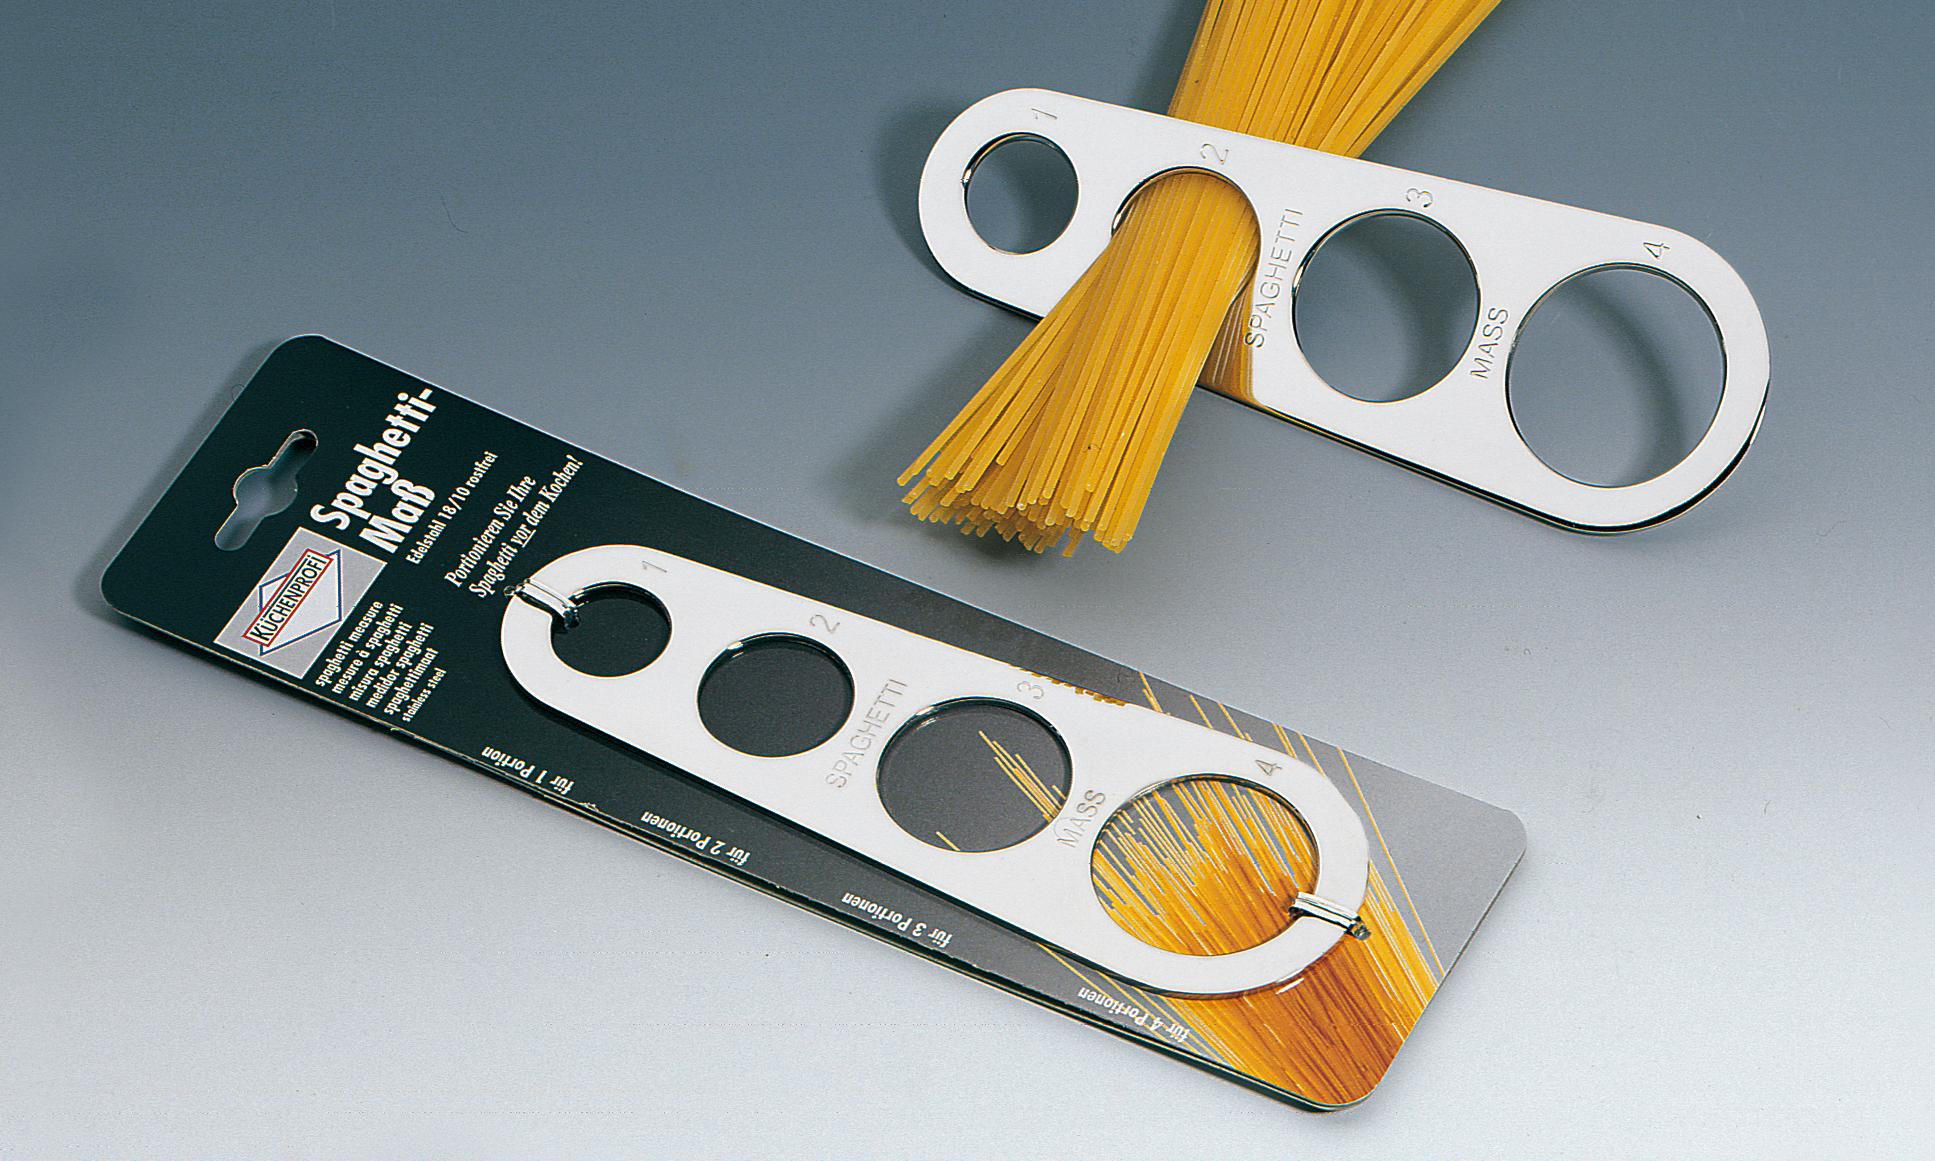 Měrka na špagety PASTACASA - Küchenprofi